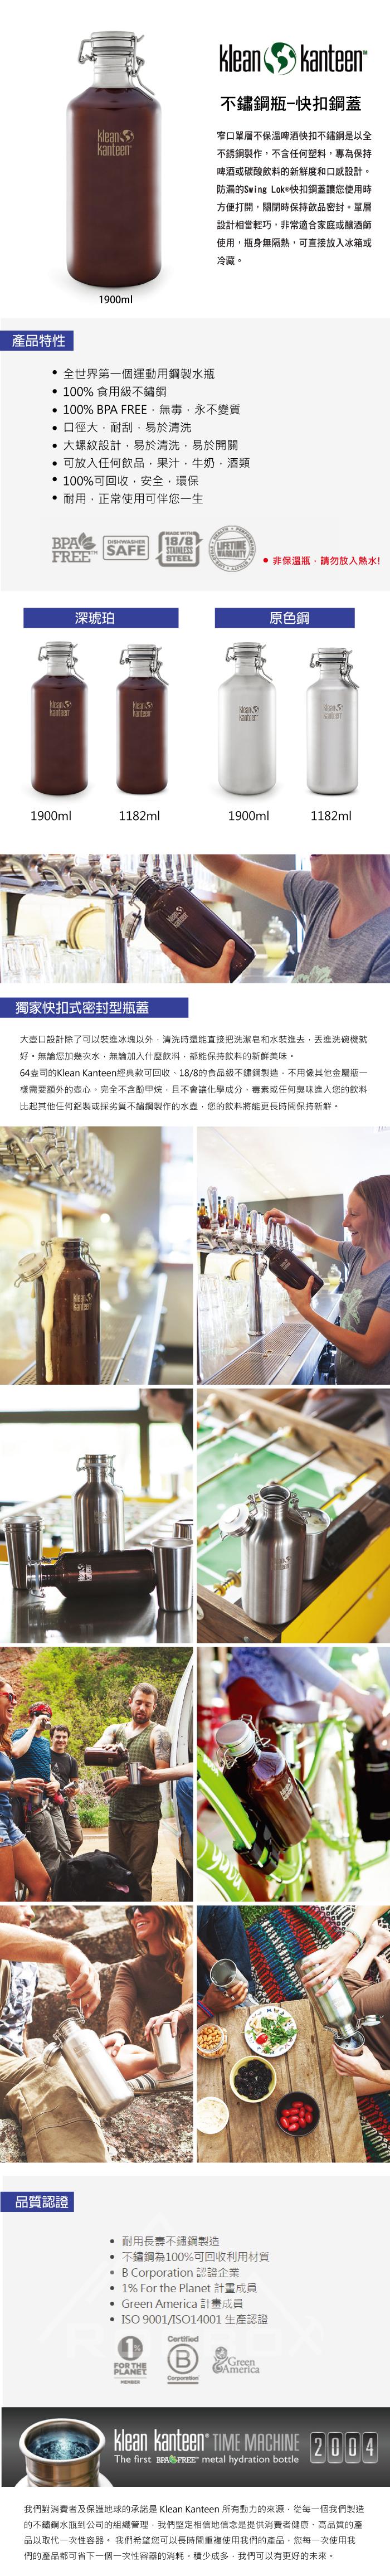 (複製)美國Klean Kanteen 快扣啤酒窄口不鏽鋼瓶-1182ml